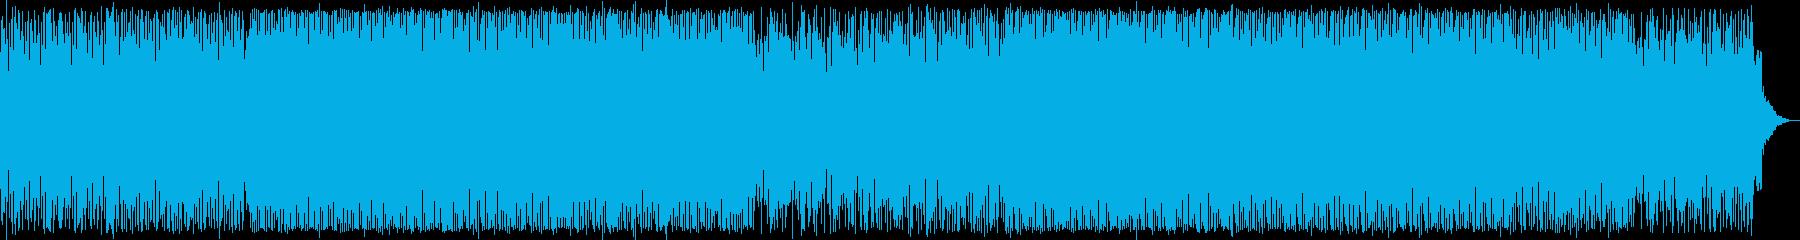 スペイシーなふわっとした変則的なテクノ音の再生済みの波形